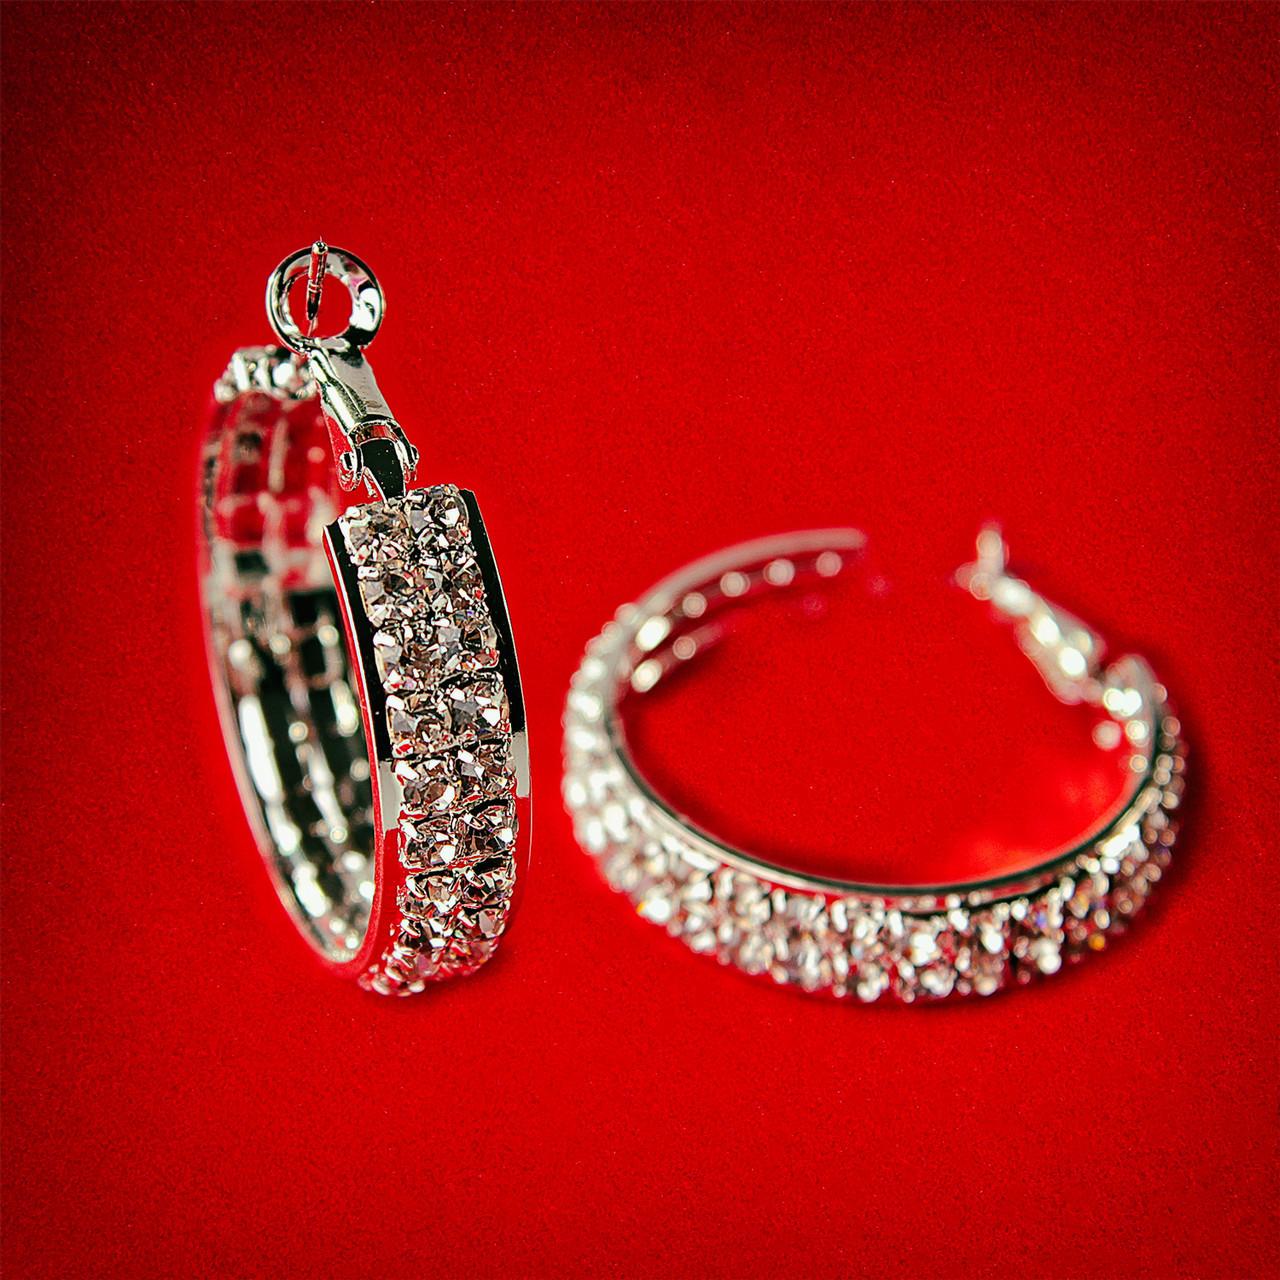 Серьги кольца с белыми крупными стразами светлый металл 2 ряда d 32мм b 8мм -  интернет-магазин «VAVILON».  в Одессе